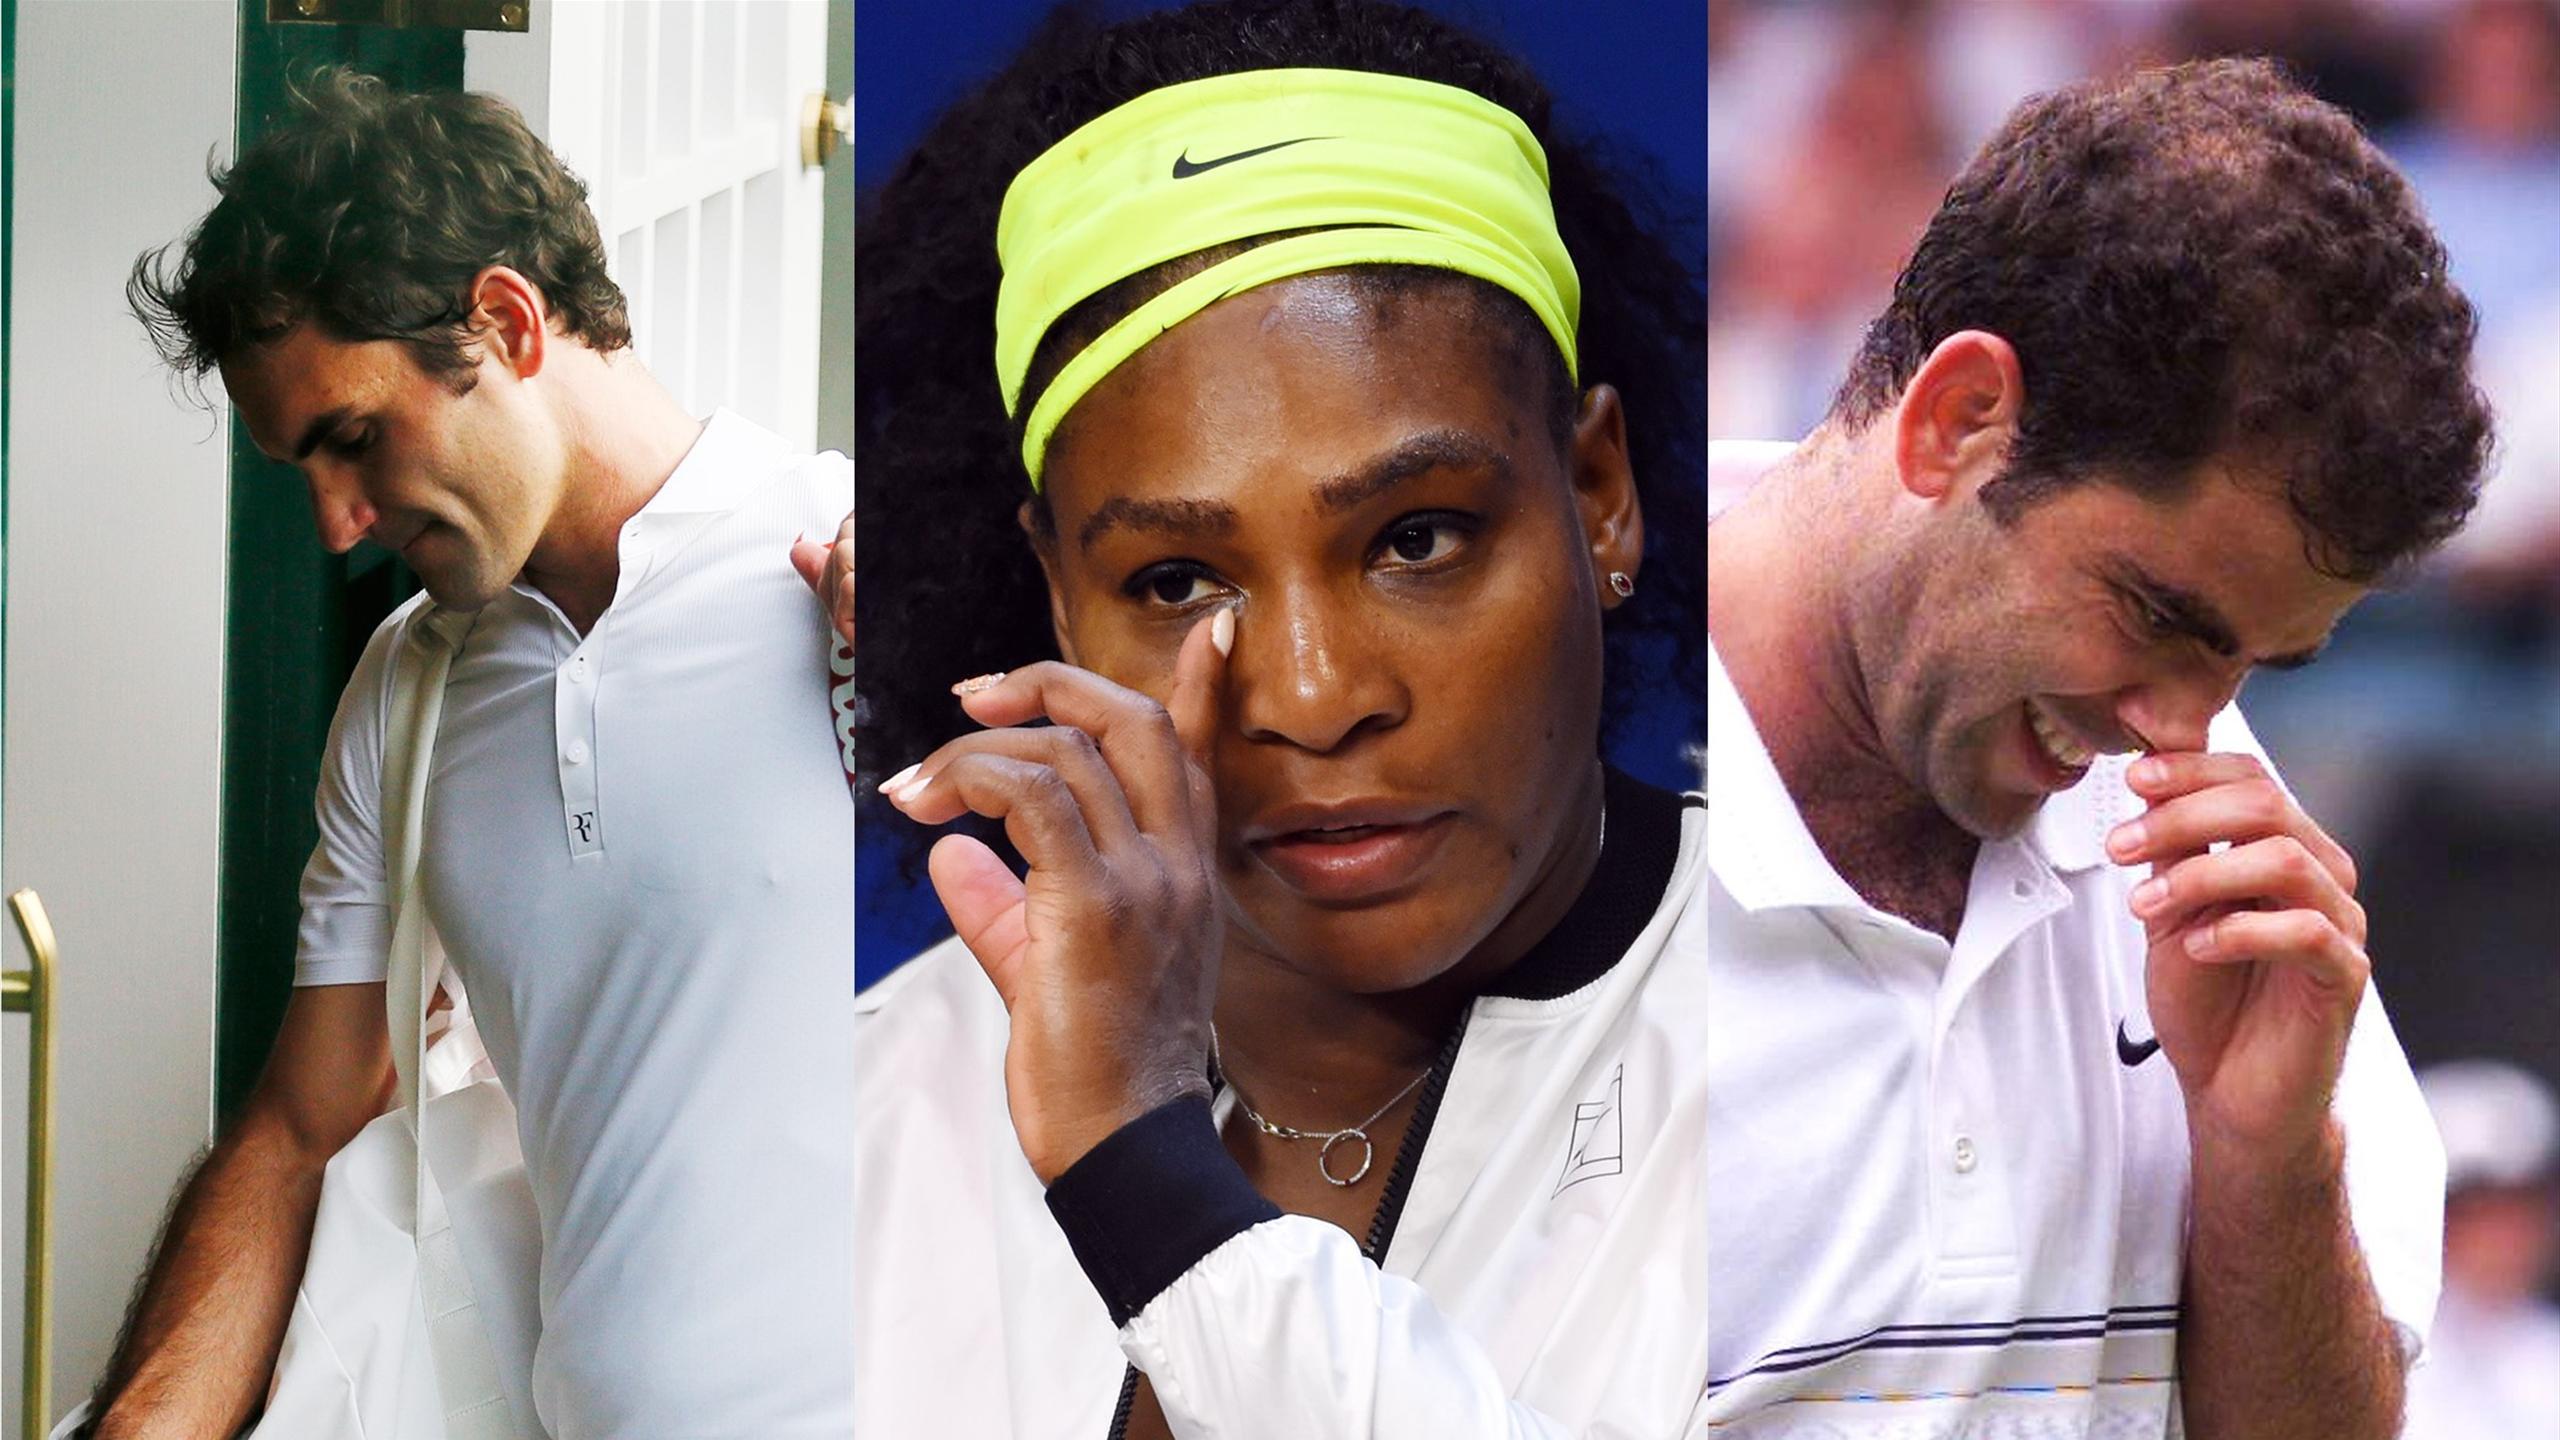 Roger Federer, Serena Williams and Pete Sampras after shock defeats